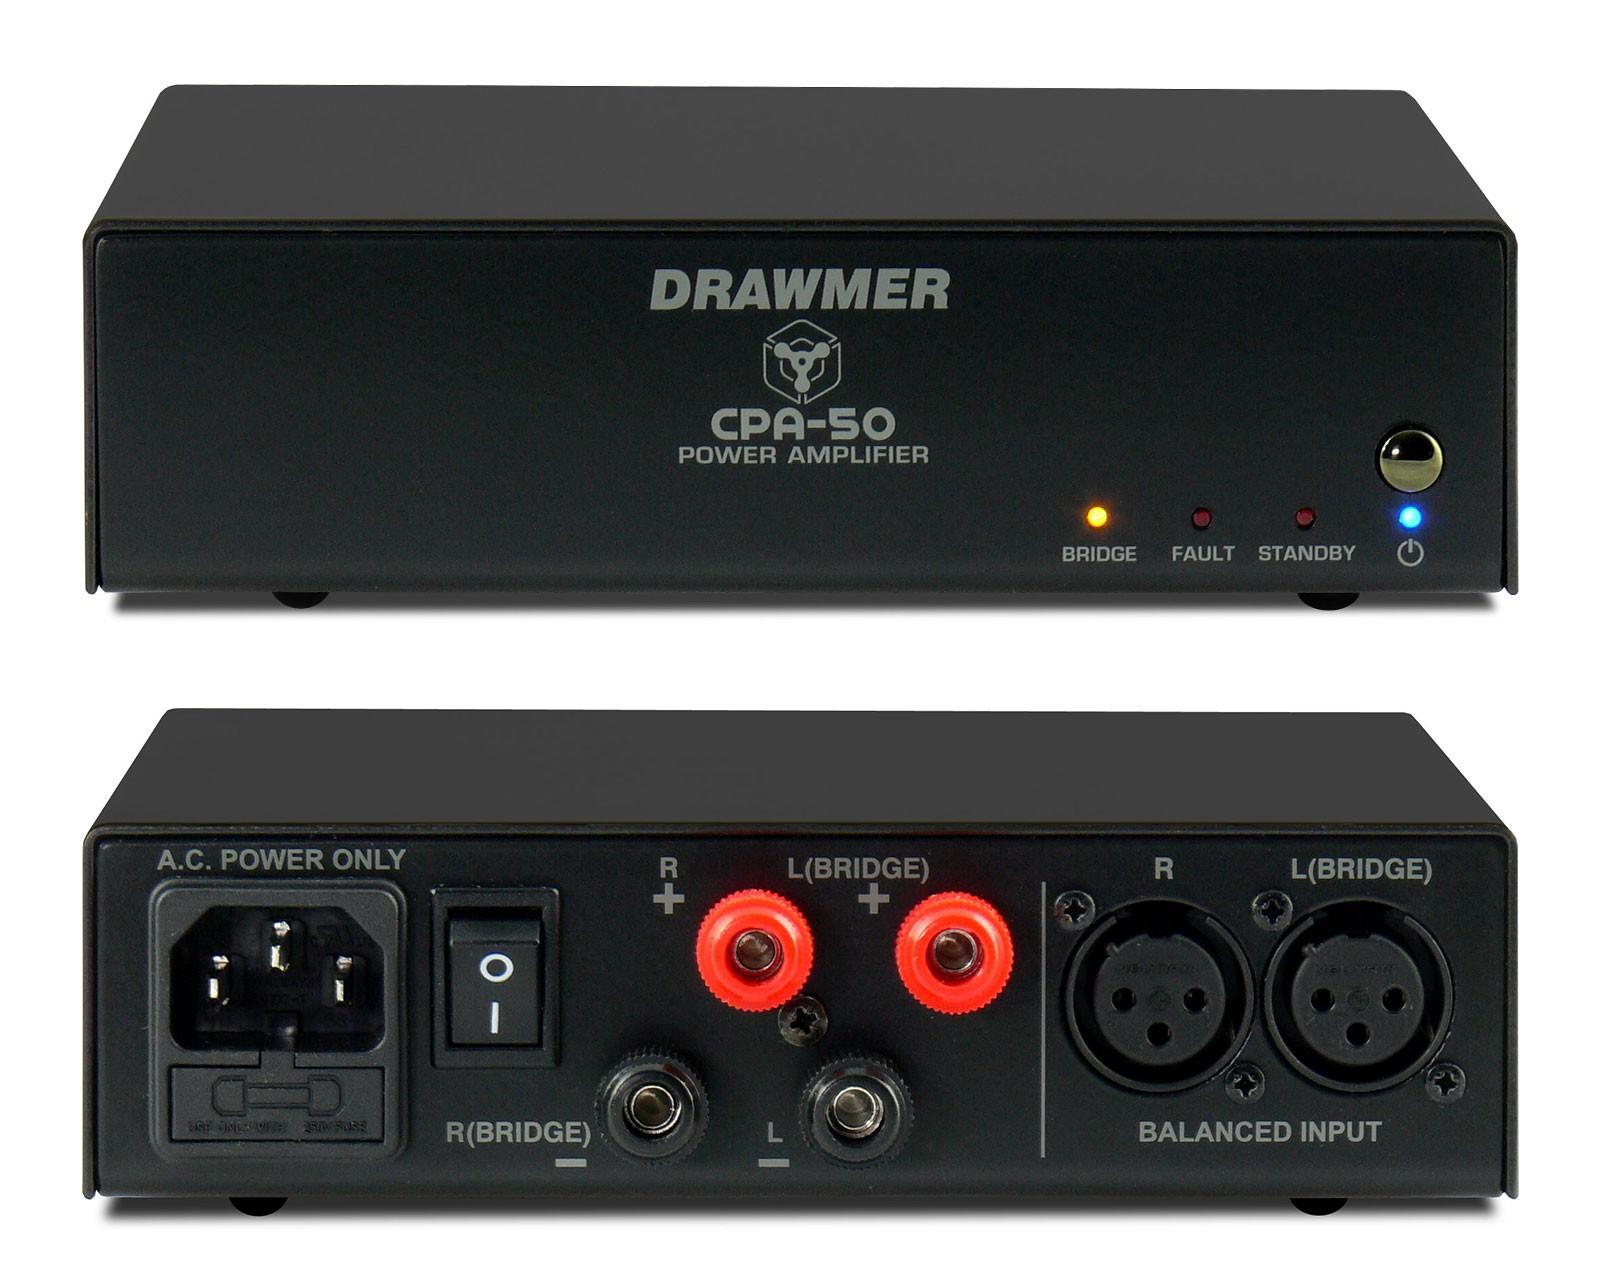 Drawmer CPA-50